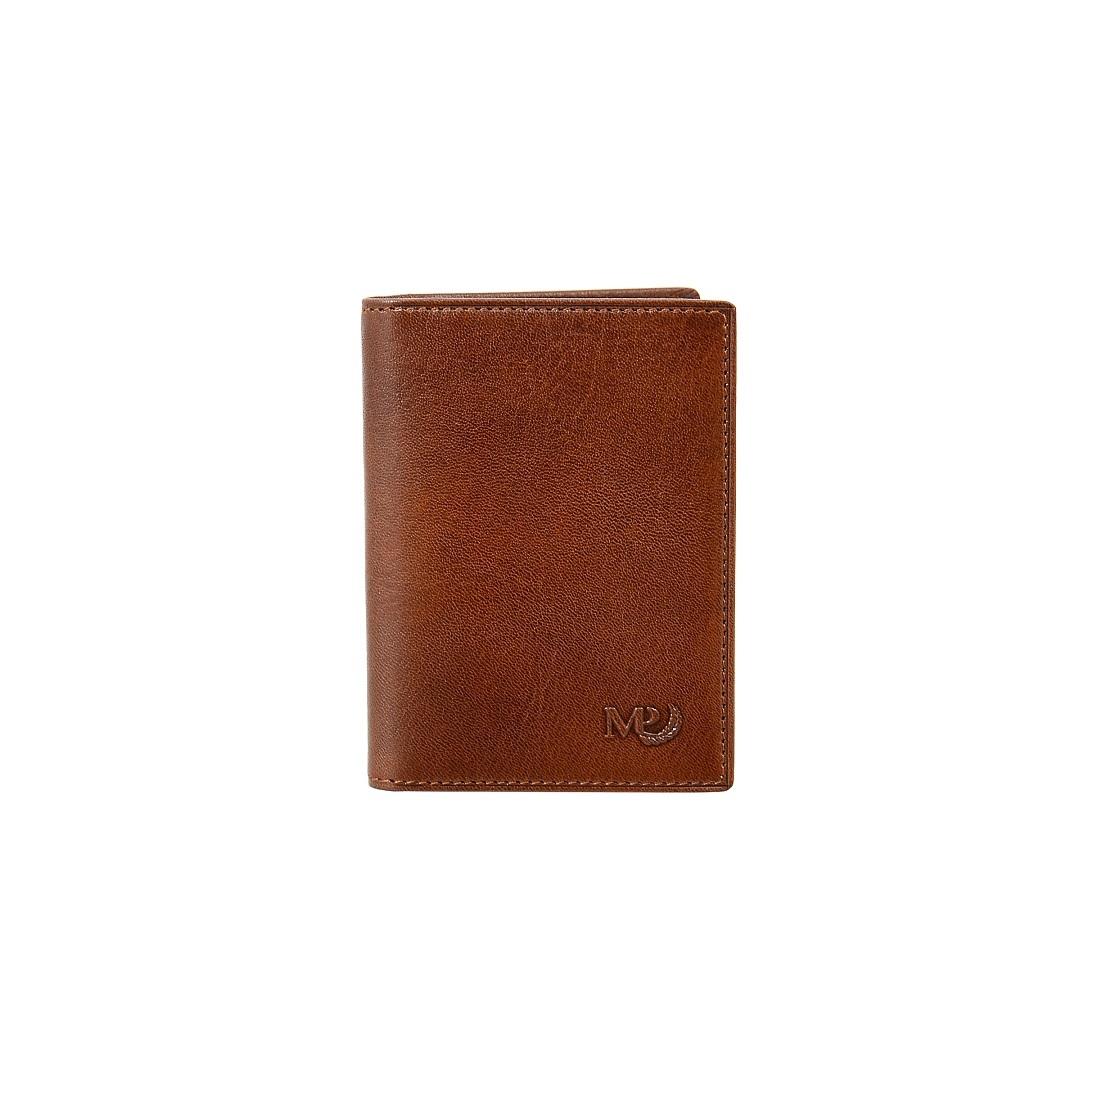 B120249 Cognac - Футляр для карт MP